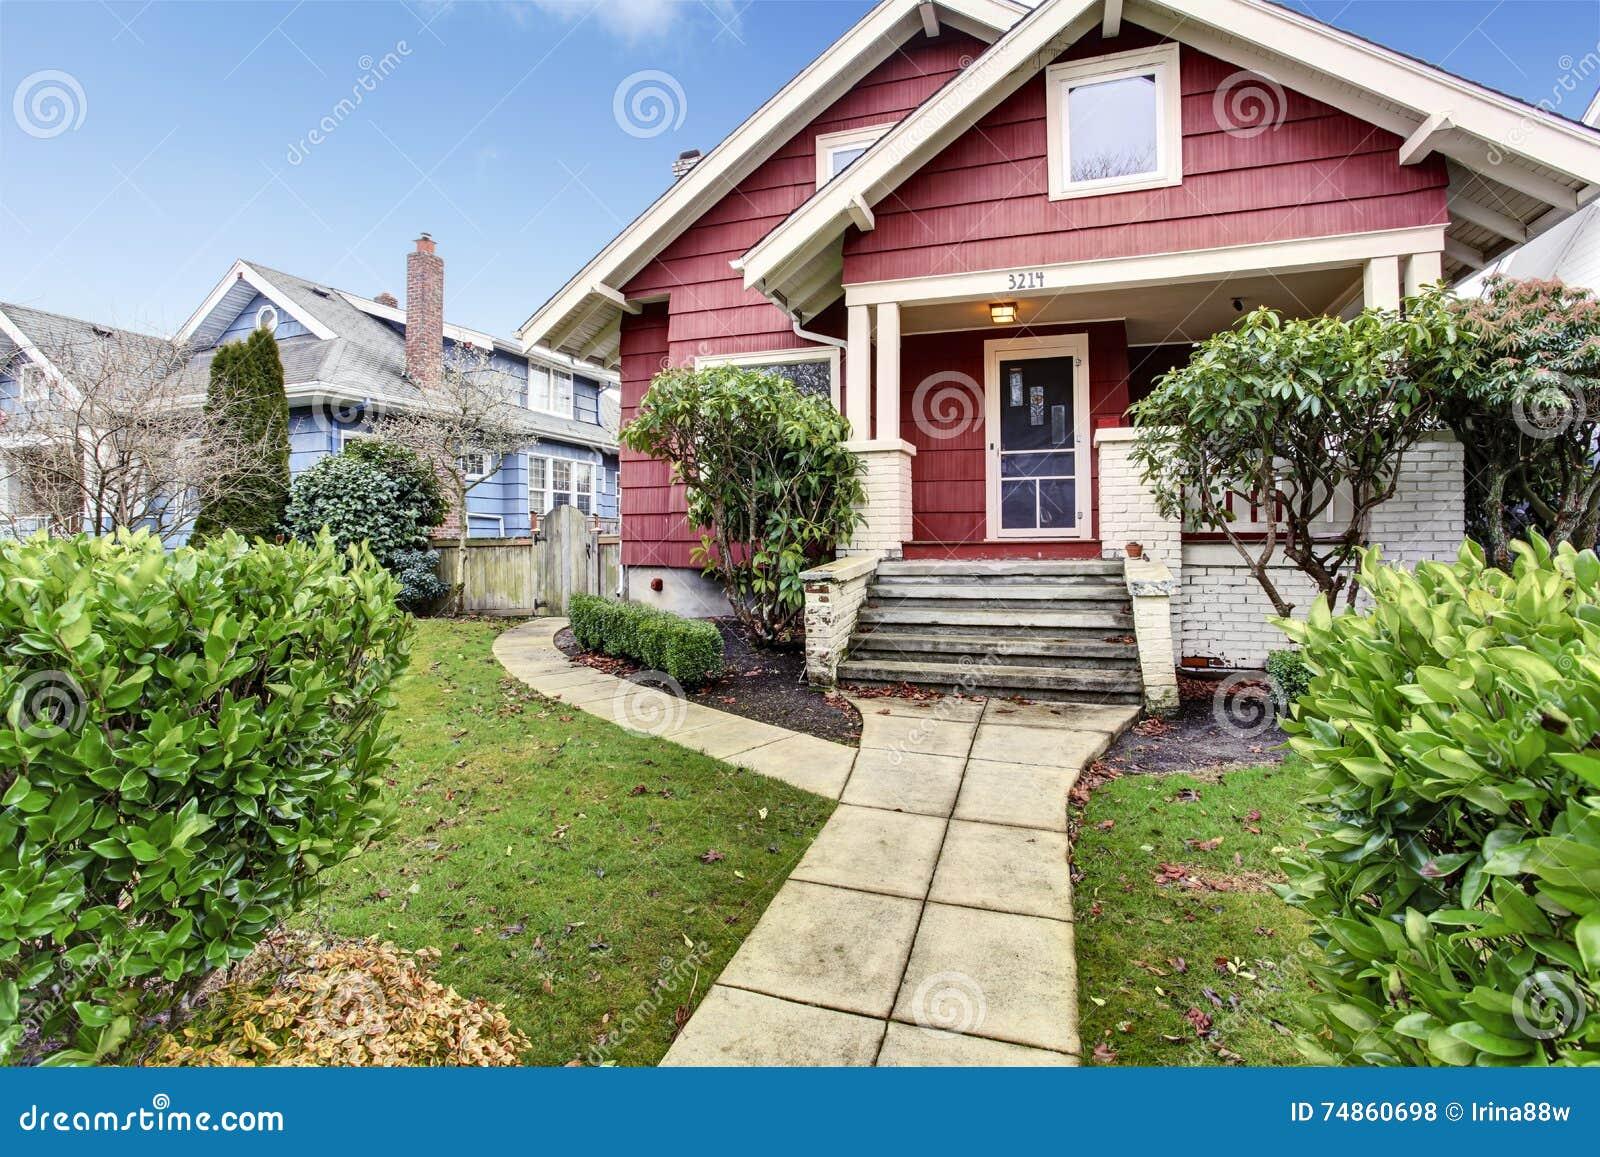 Klassiek vakman oud amerikaans huis buiten in rood en wit stock foto afbeelding 74860698 - Oud huis ...